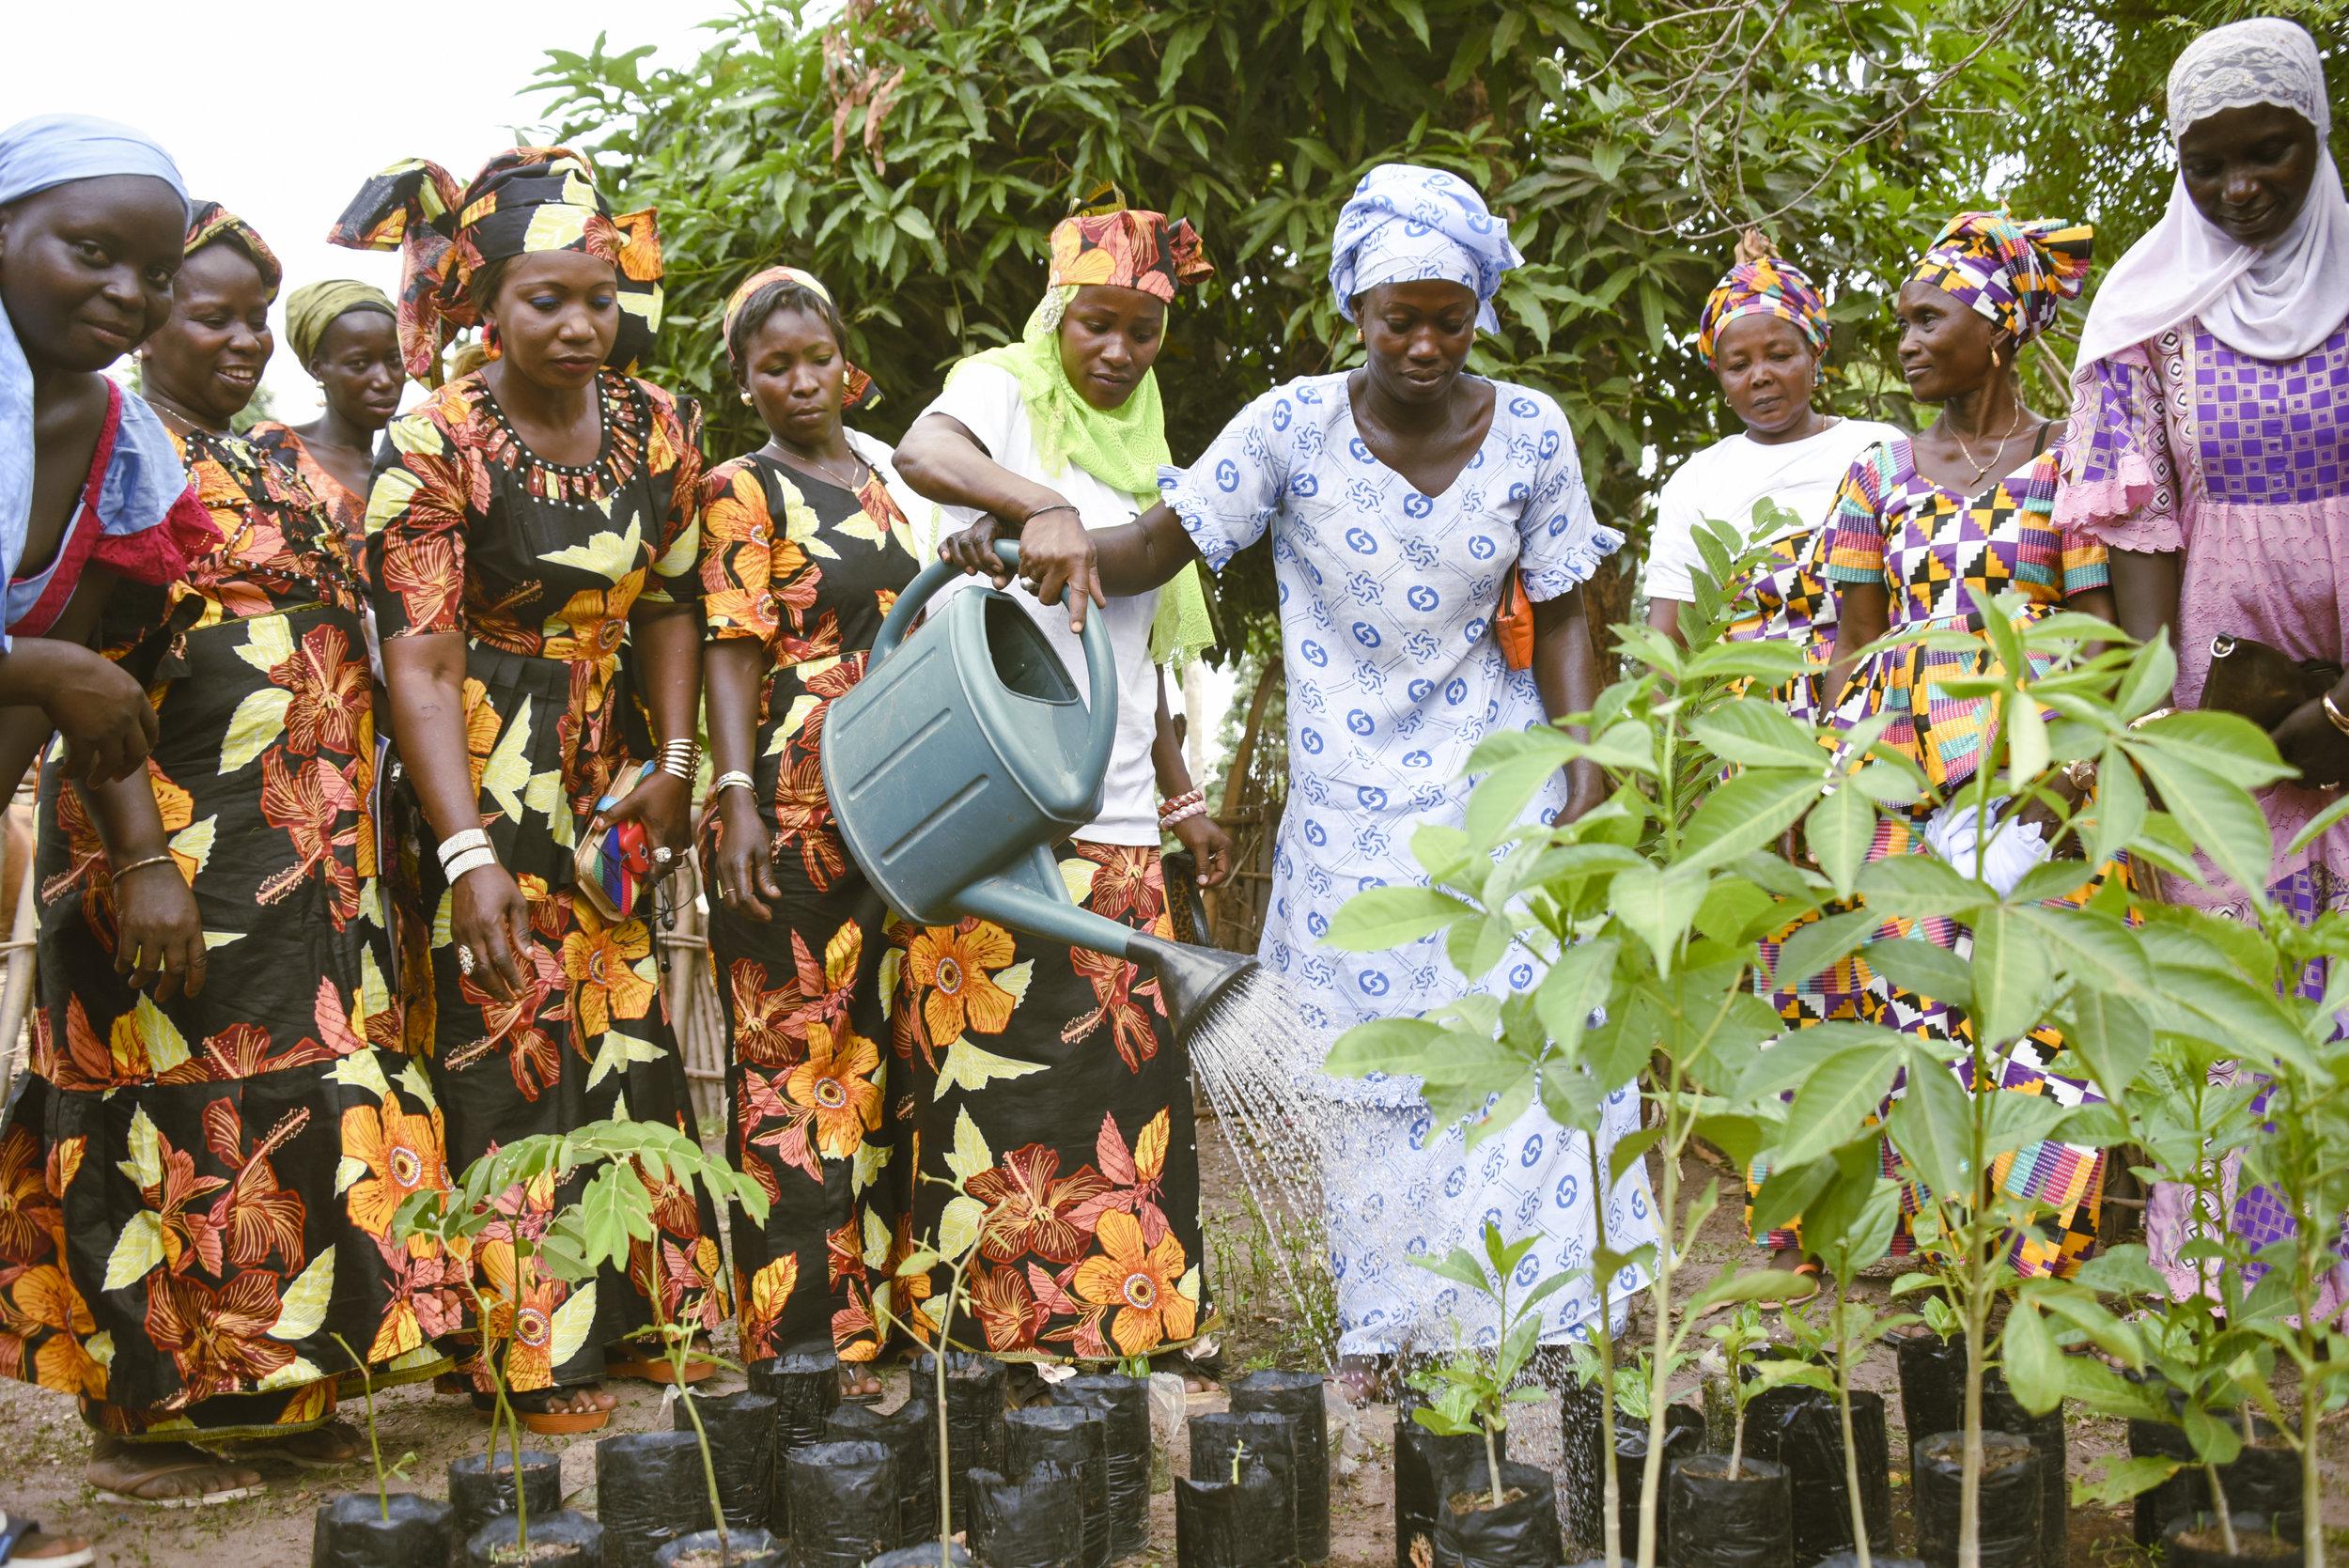 Women of Senegal